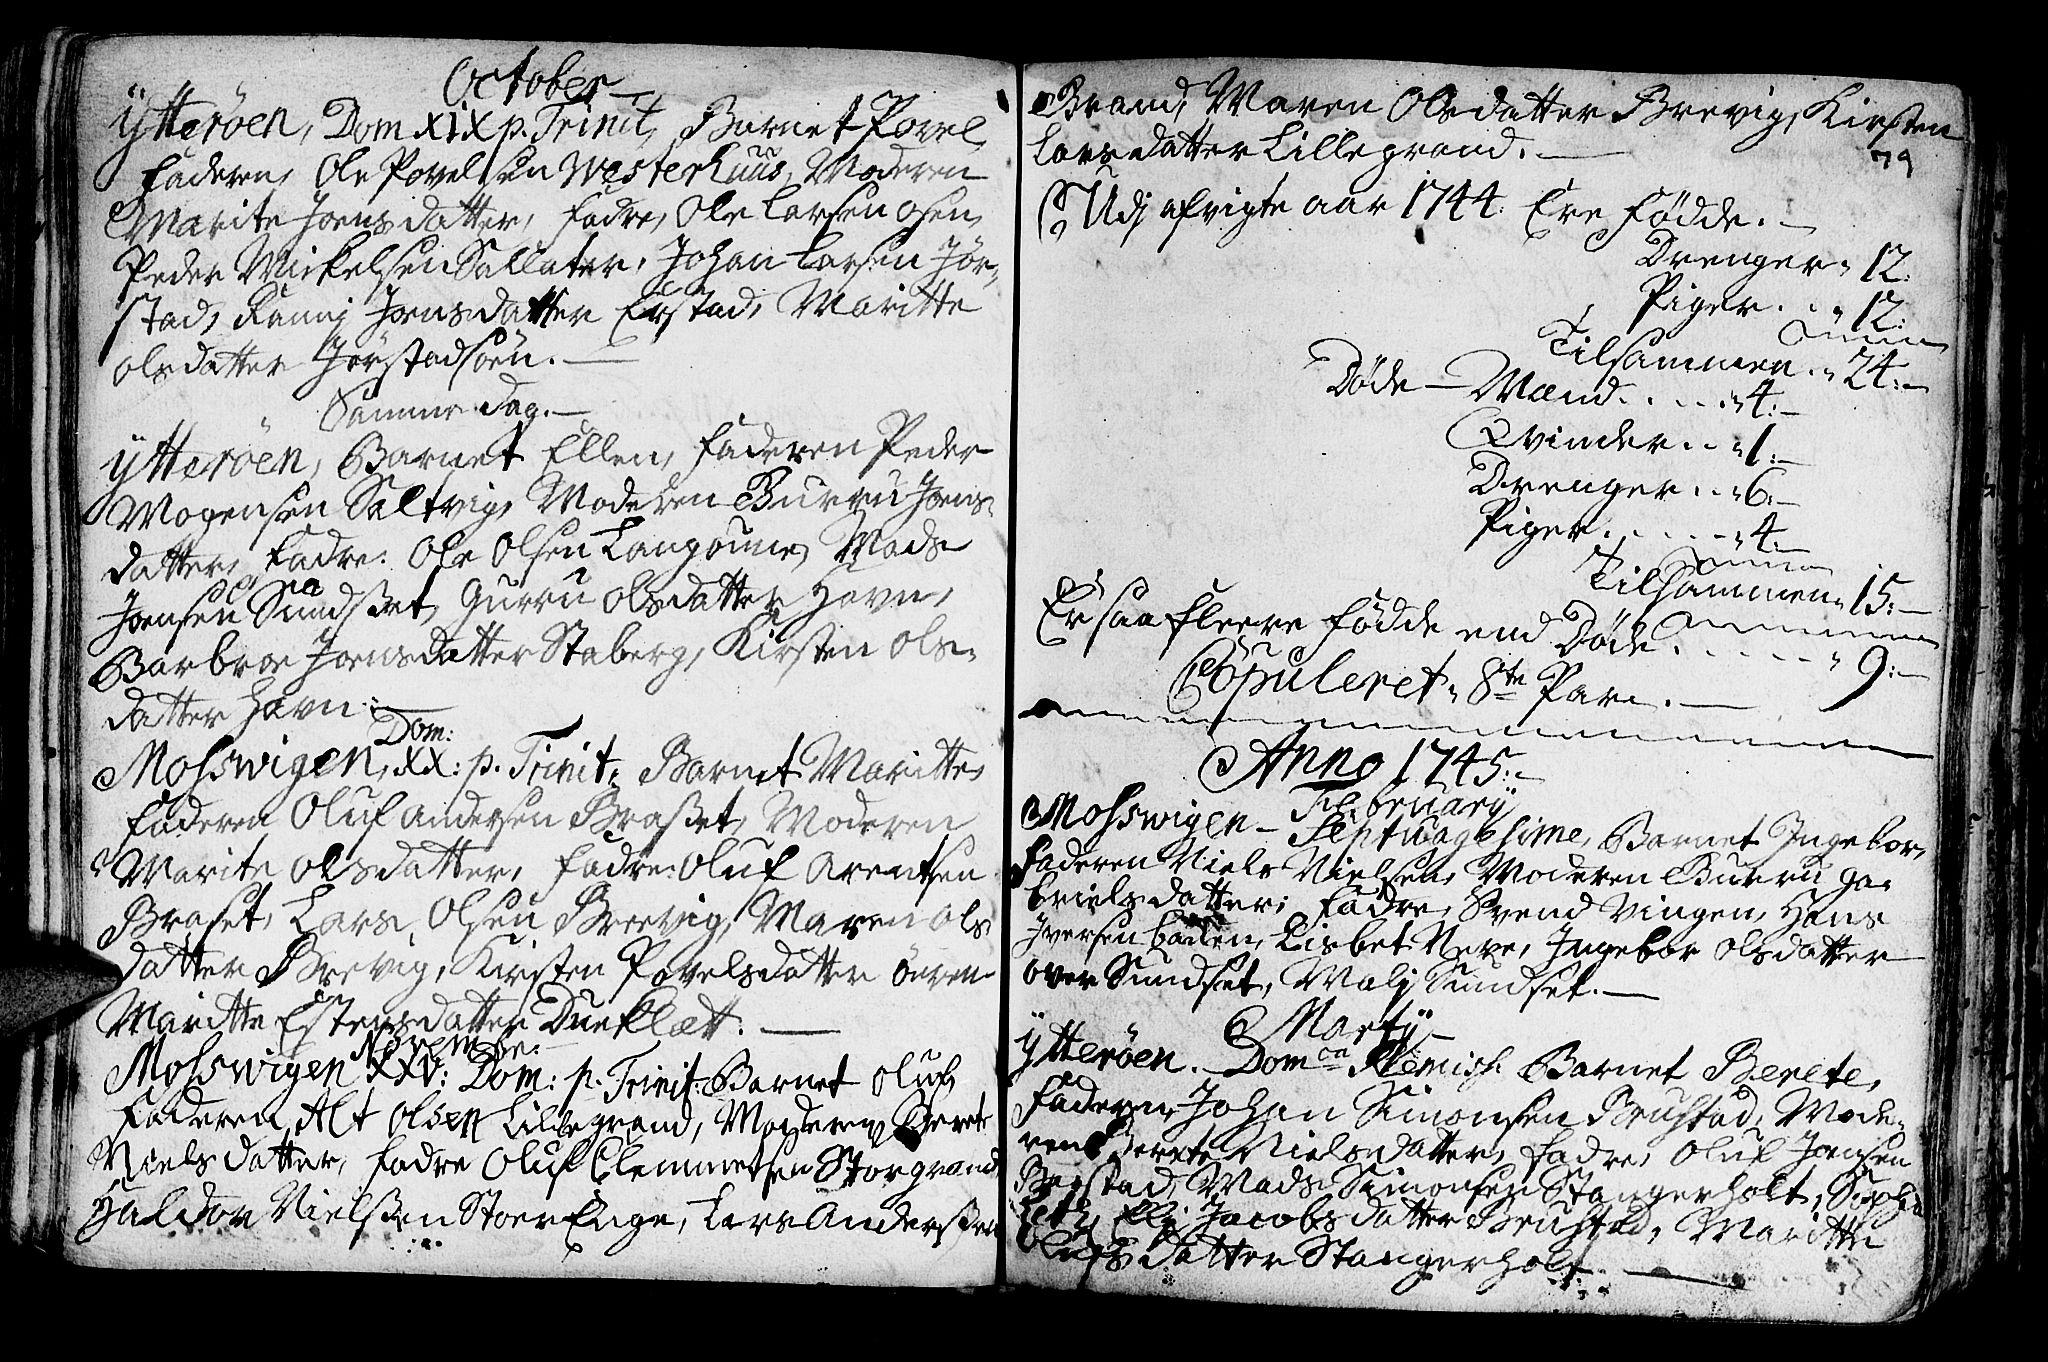 SAT, Ministerialprotokoller, klokkerbøker og fødselsregistre - Nord-Trøndelag, 722/L0215: Ministerialbok nr. 722A02, 1718-1755, s. 79